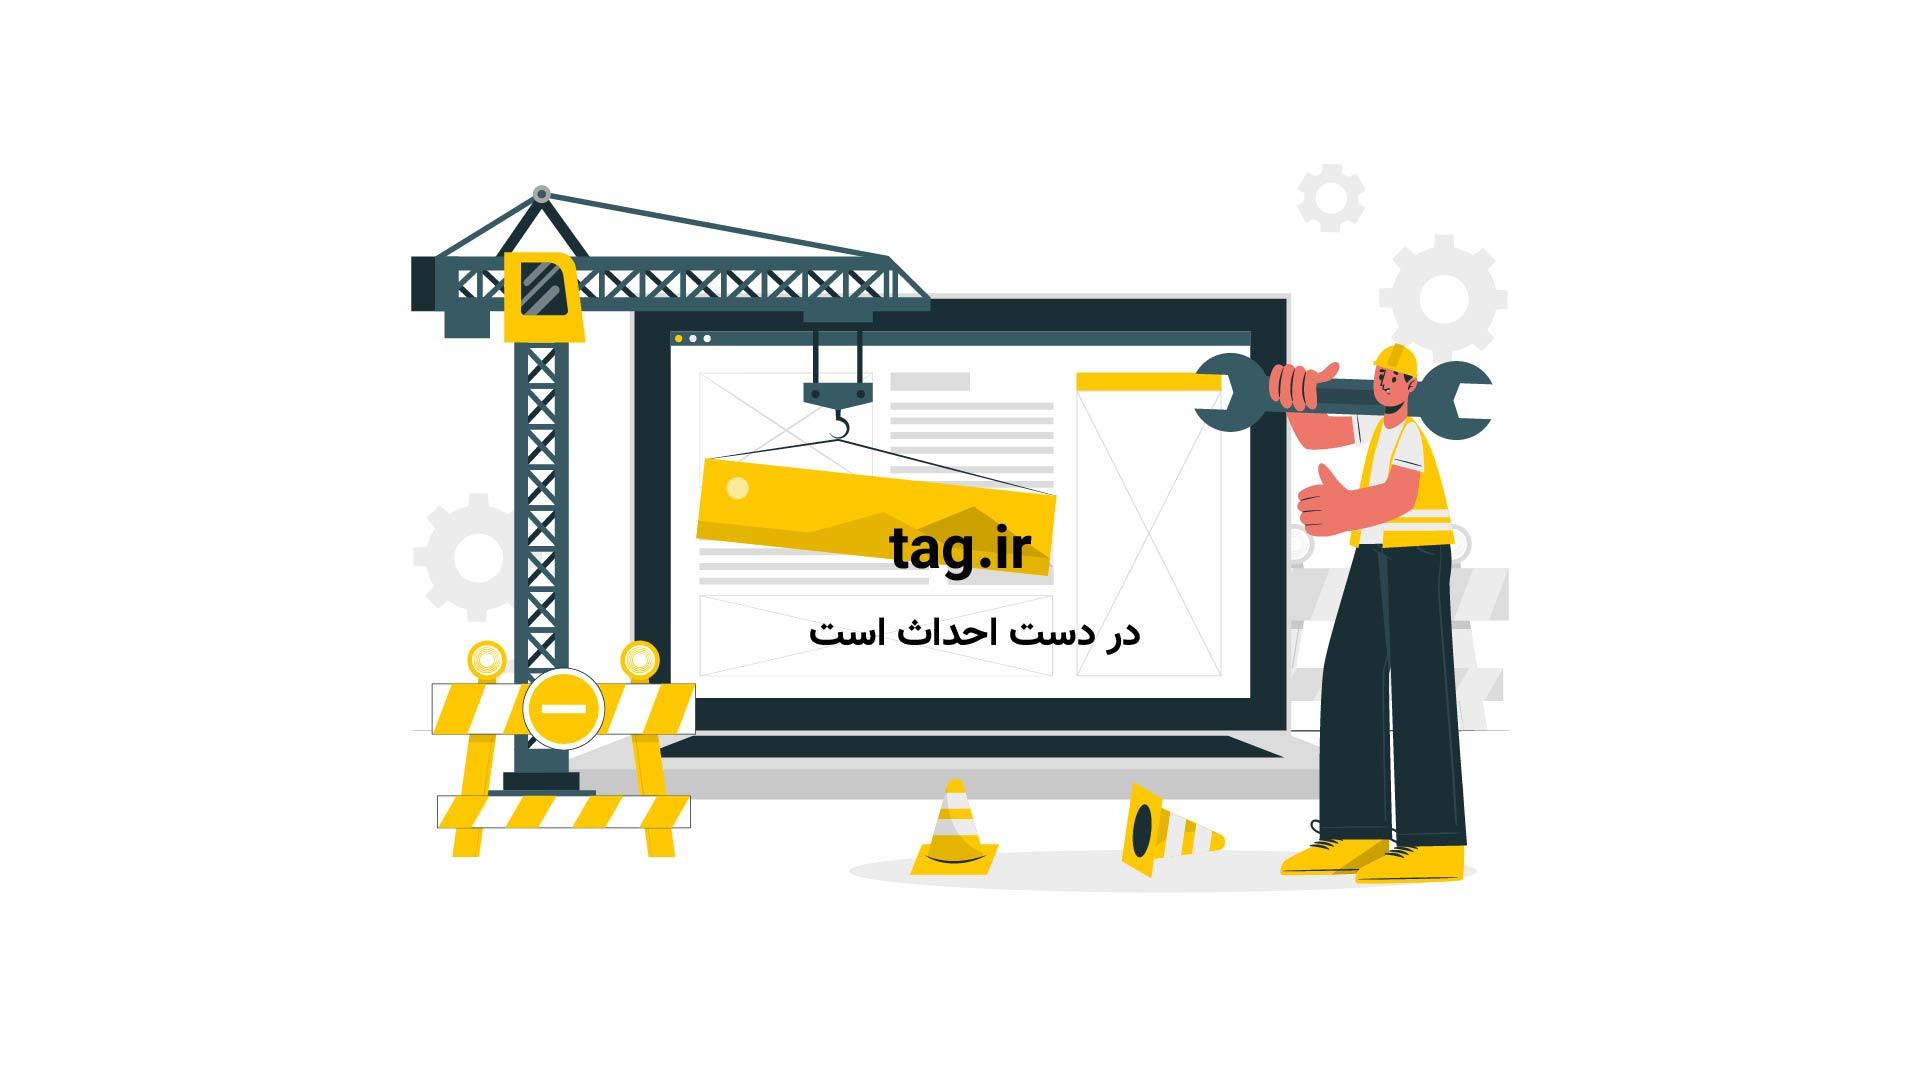 عناوین روزنامههای اقتصادی پنجشنبه ۲۷ مهر | فیلم